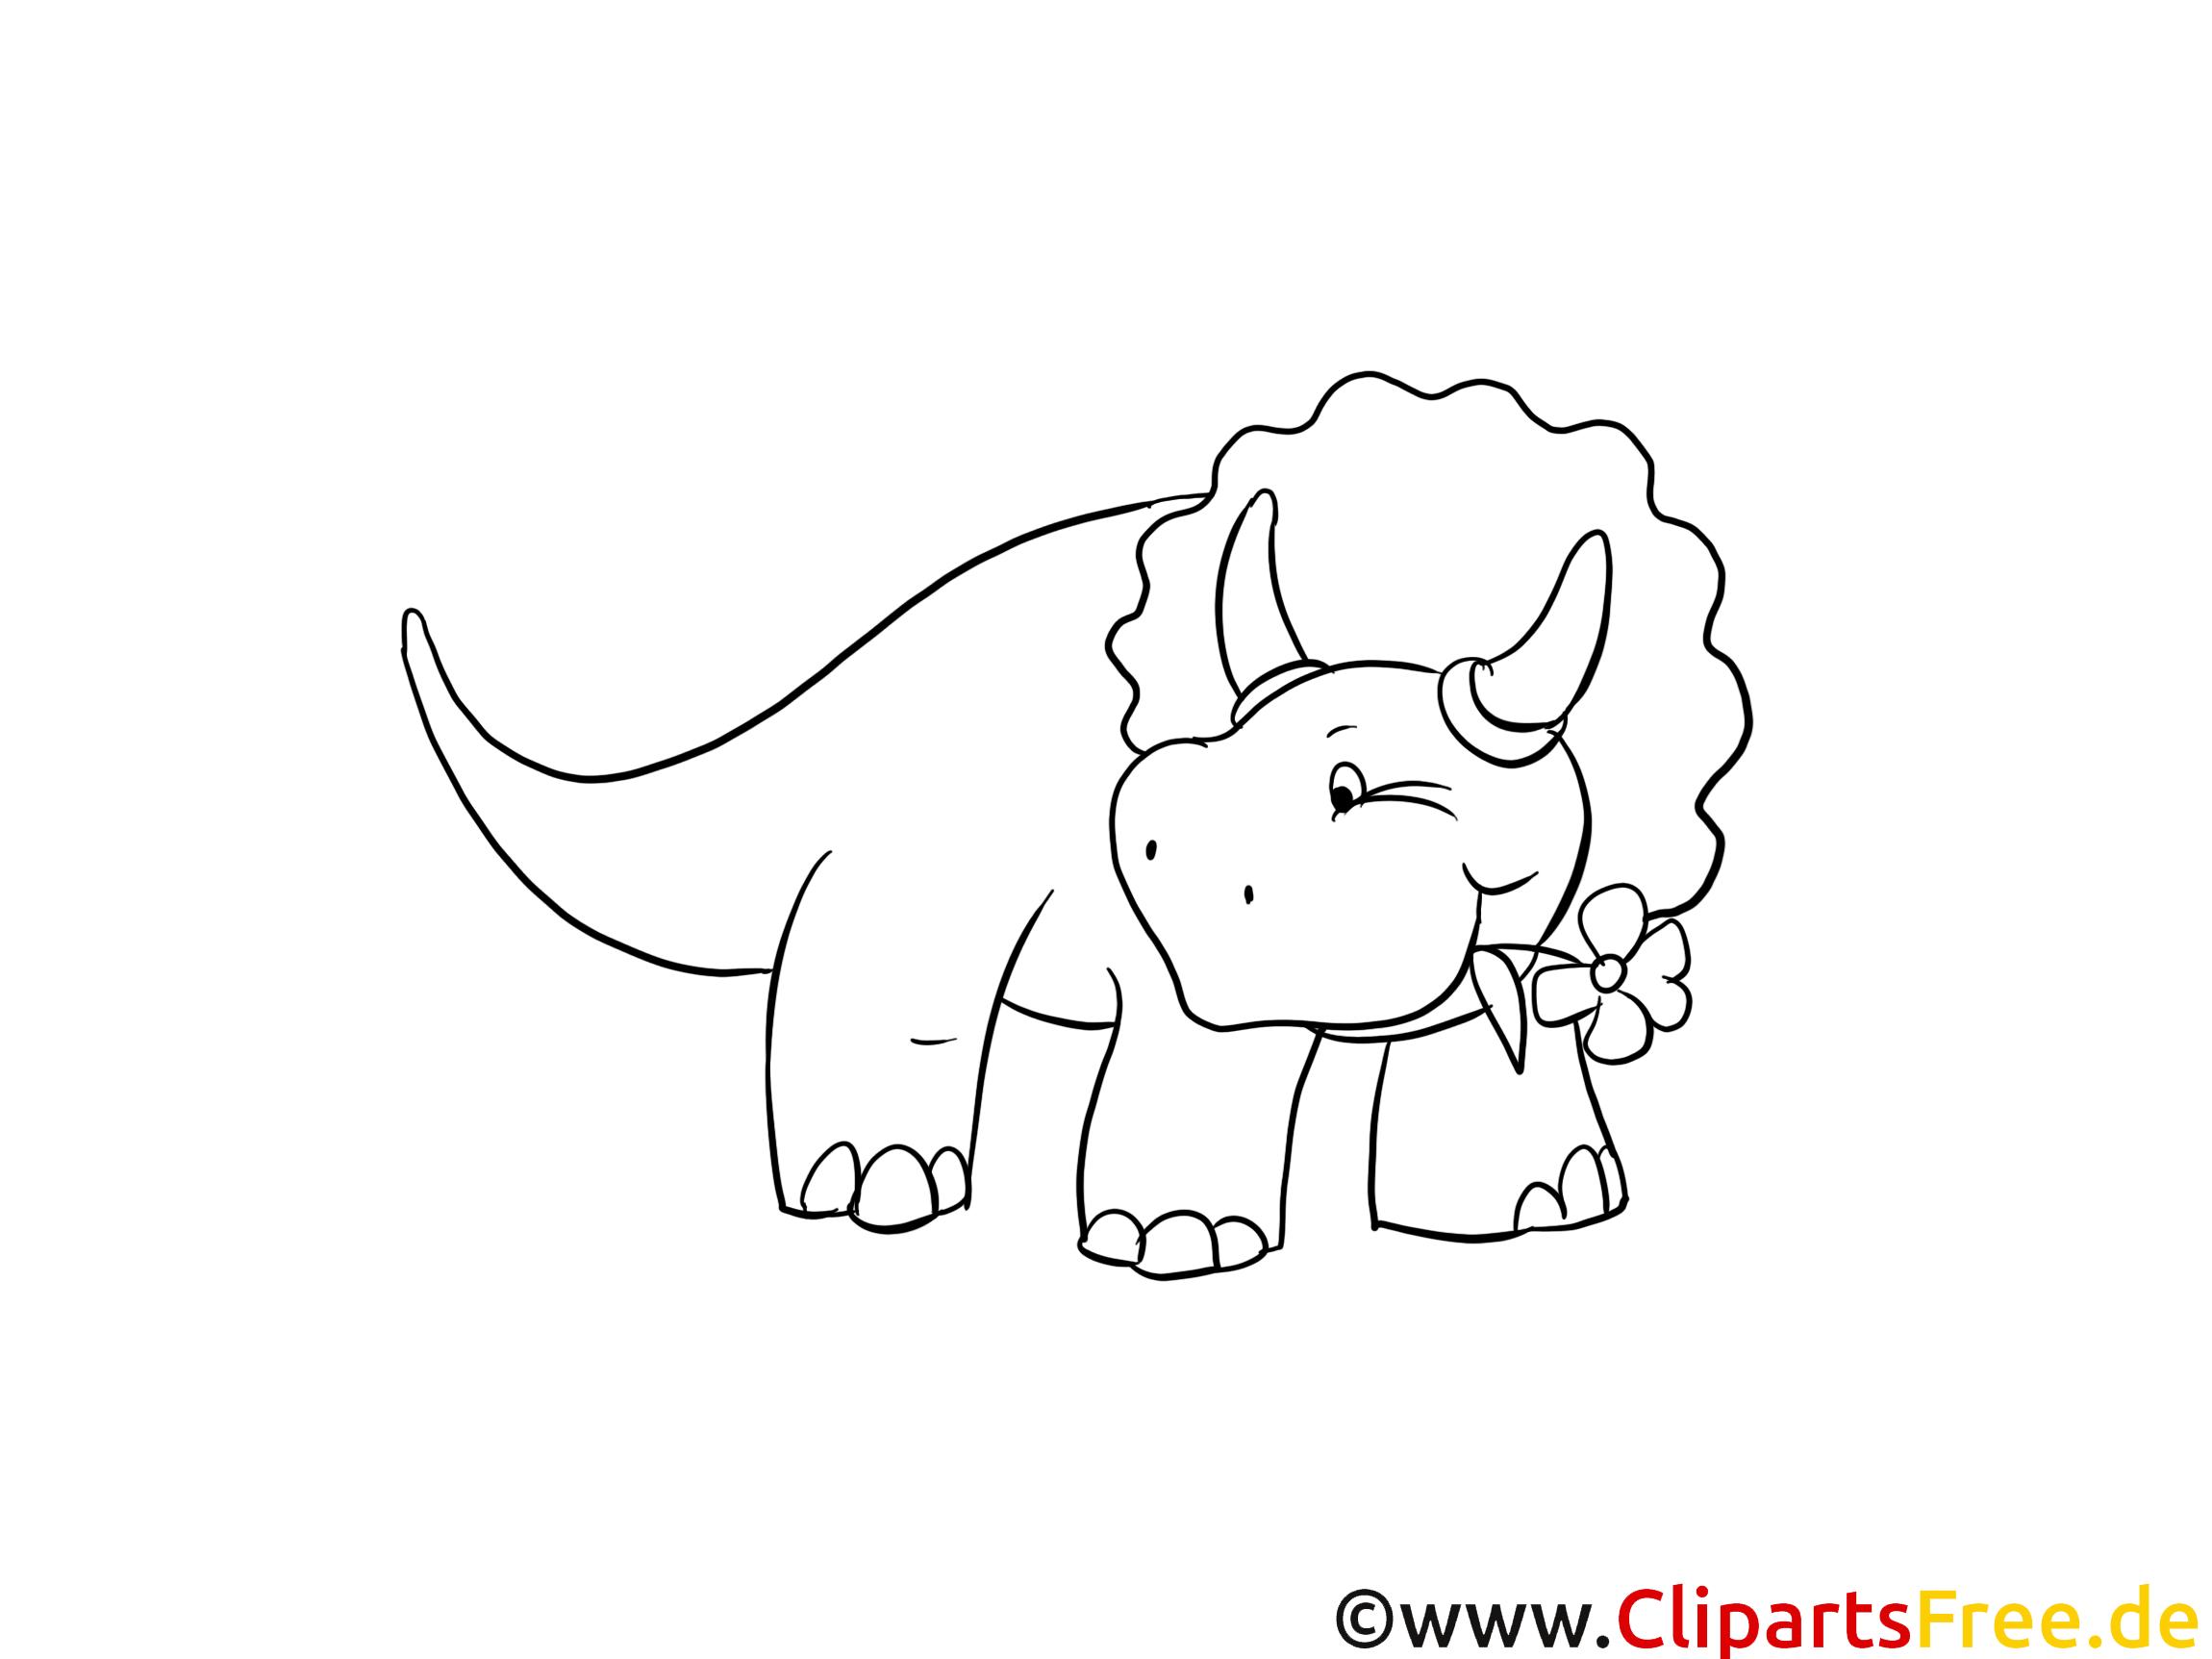 Wandschablonen Zum Ausdrucken Kostenlos : dinosaurier wandschablonen zum ausdrucken ~ Watch28wear.com Haus und Dekorationen